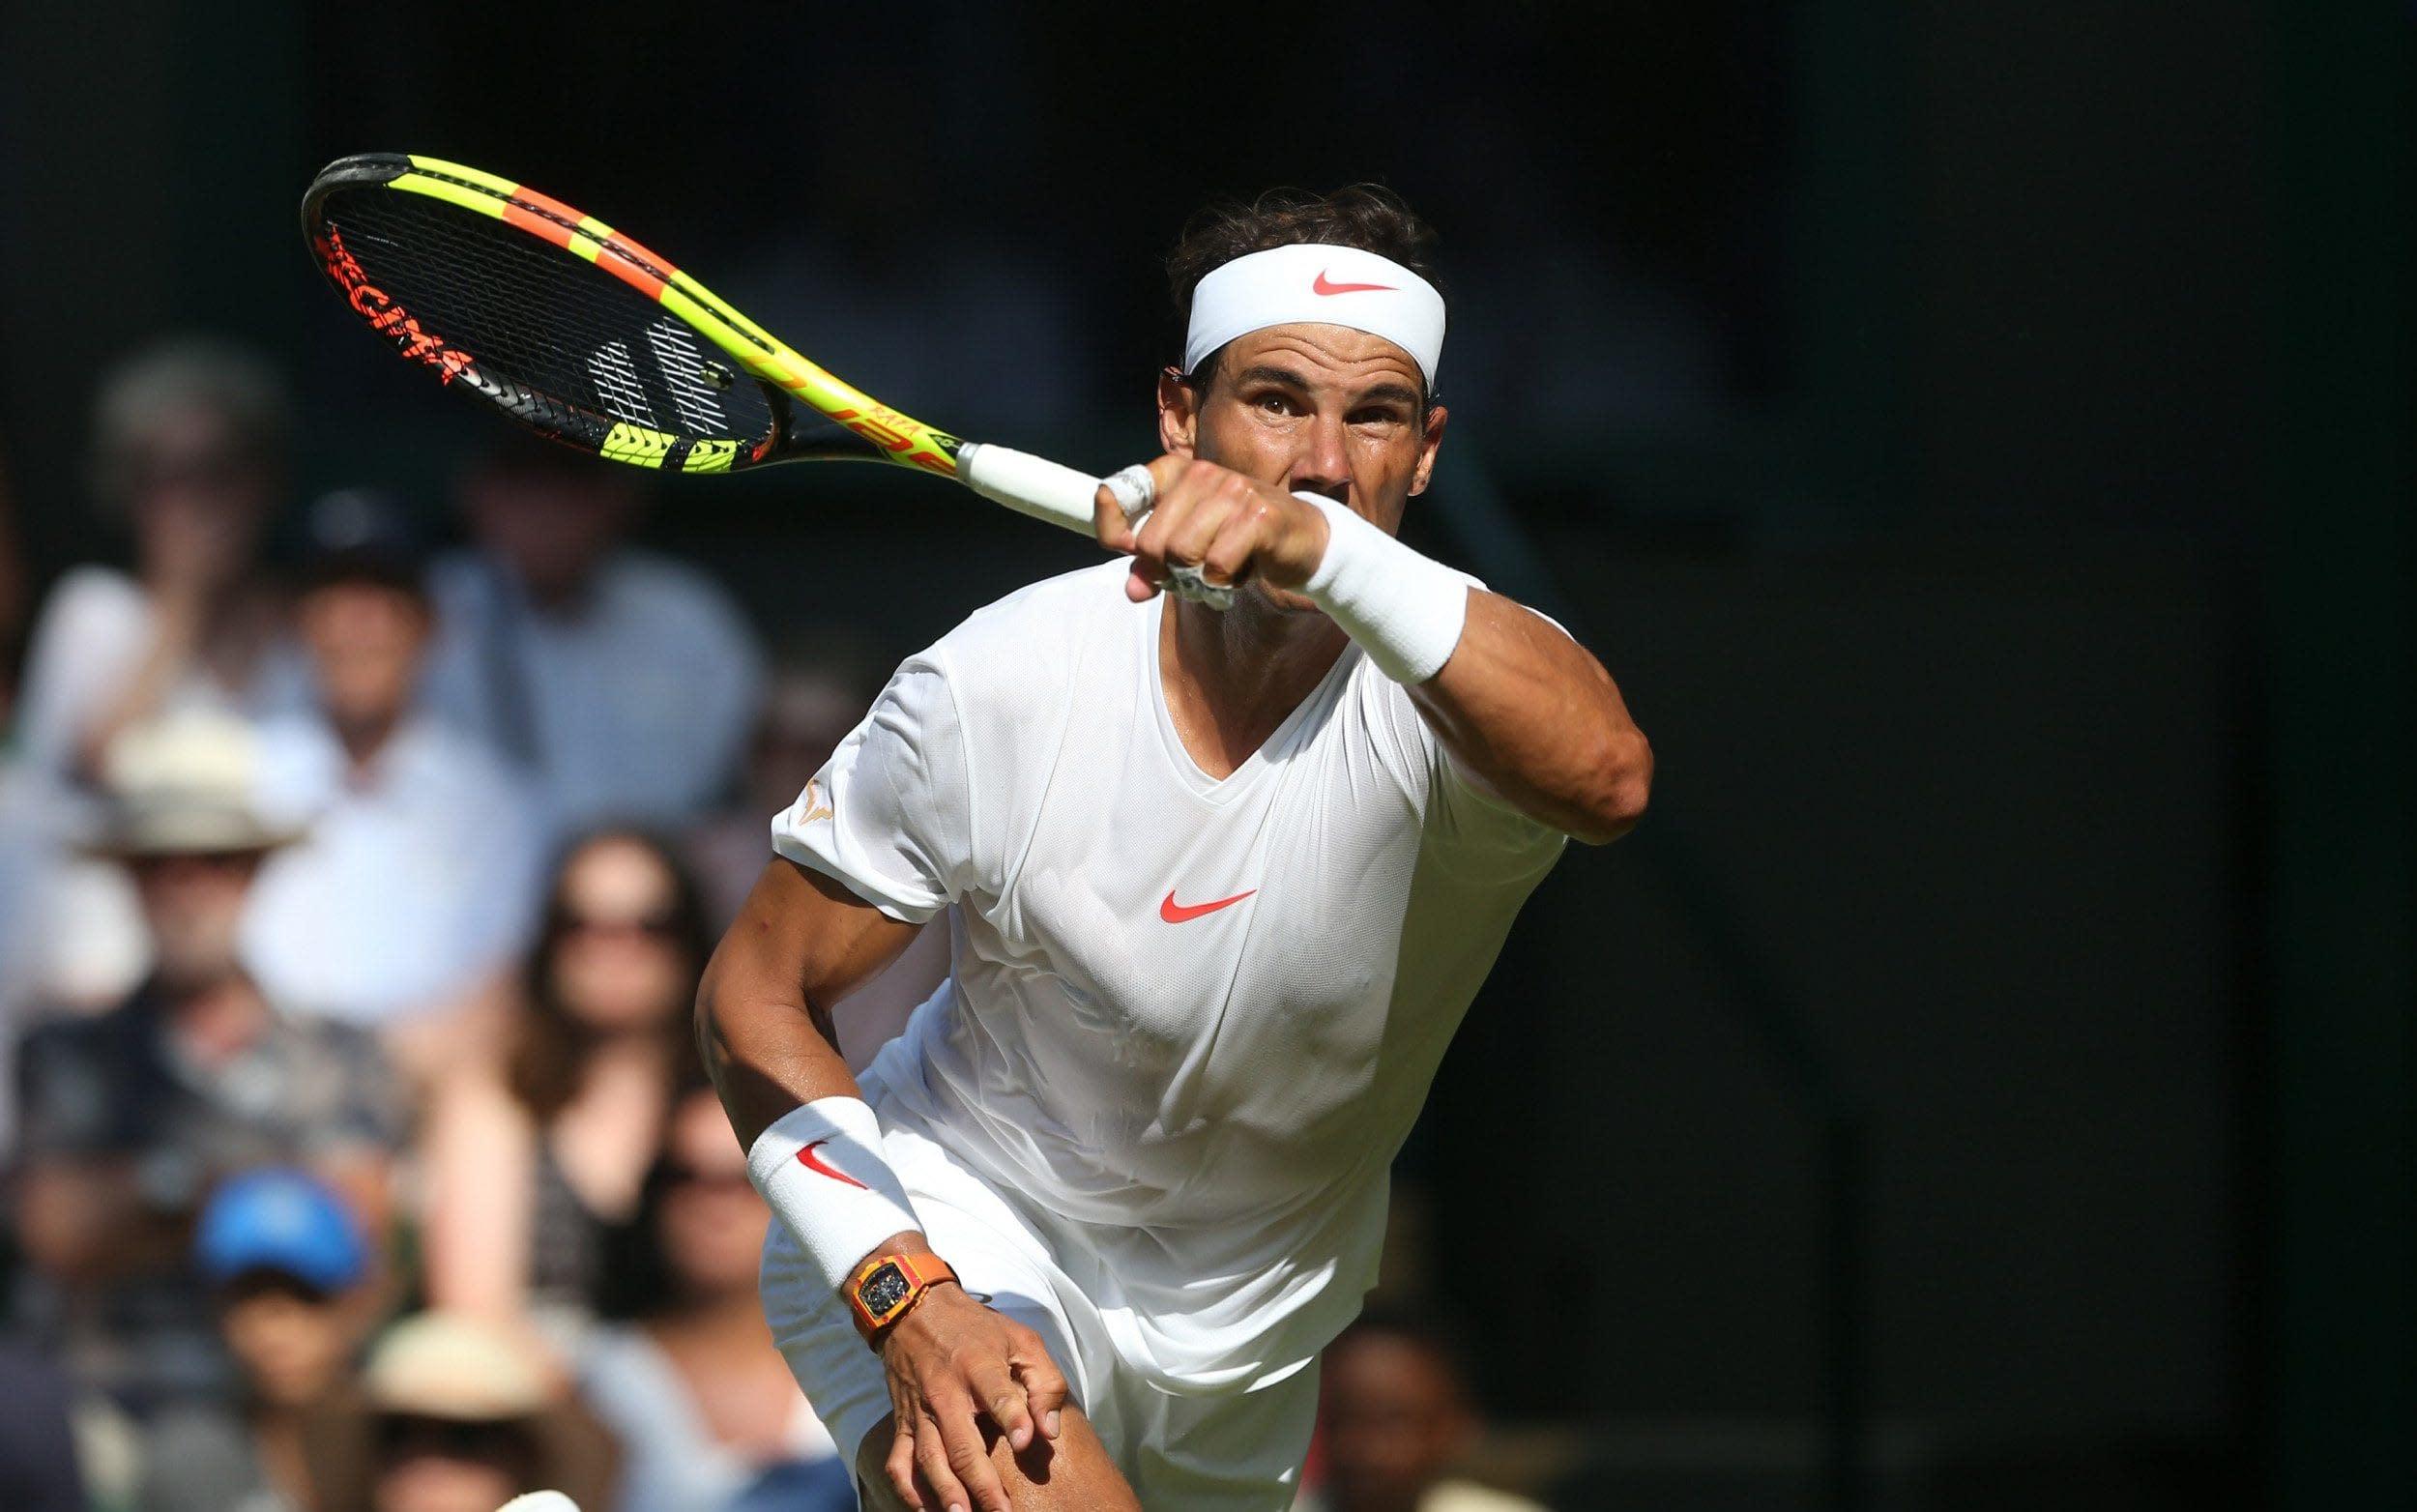 Rafael Nadal vs Mikhail Kukushkin, Wimbledon 2018: live